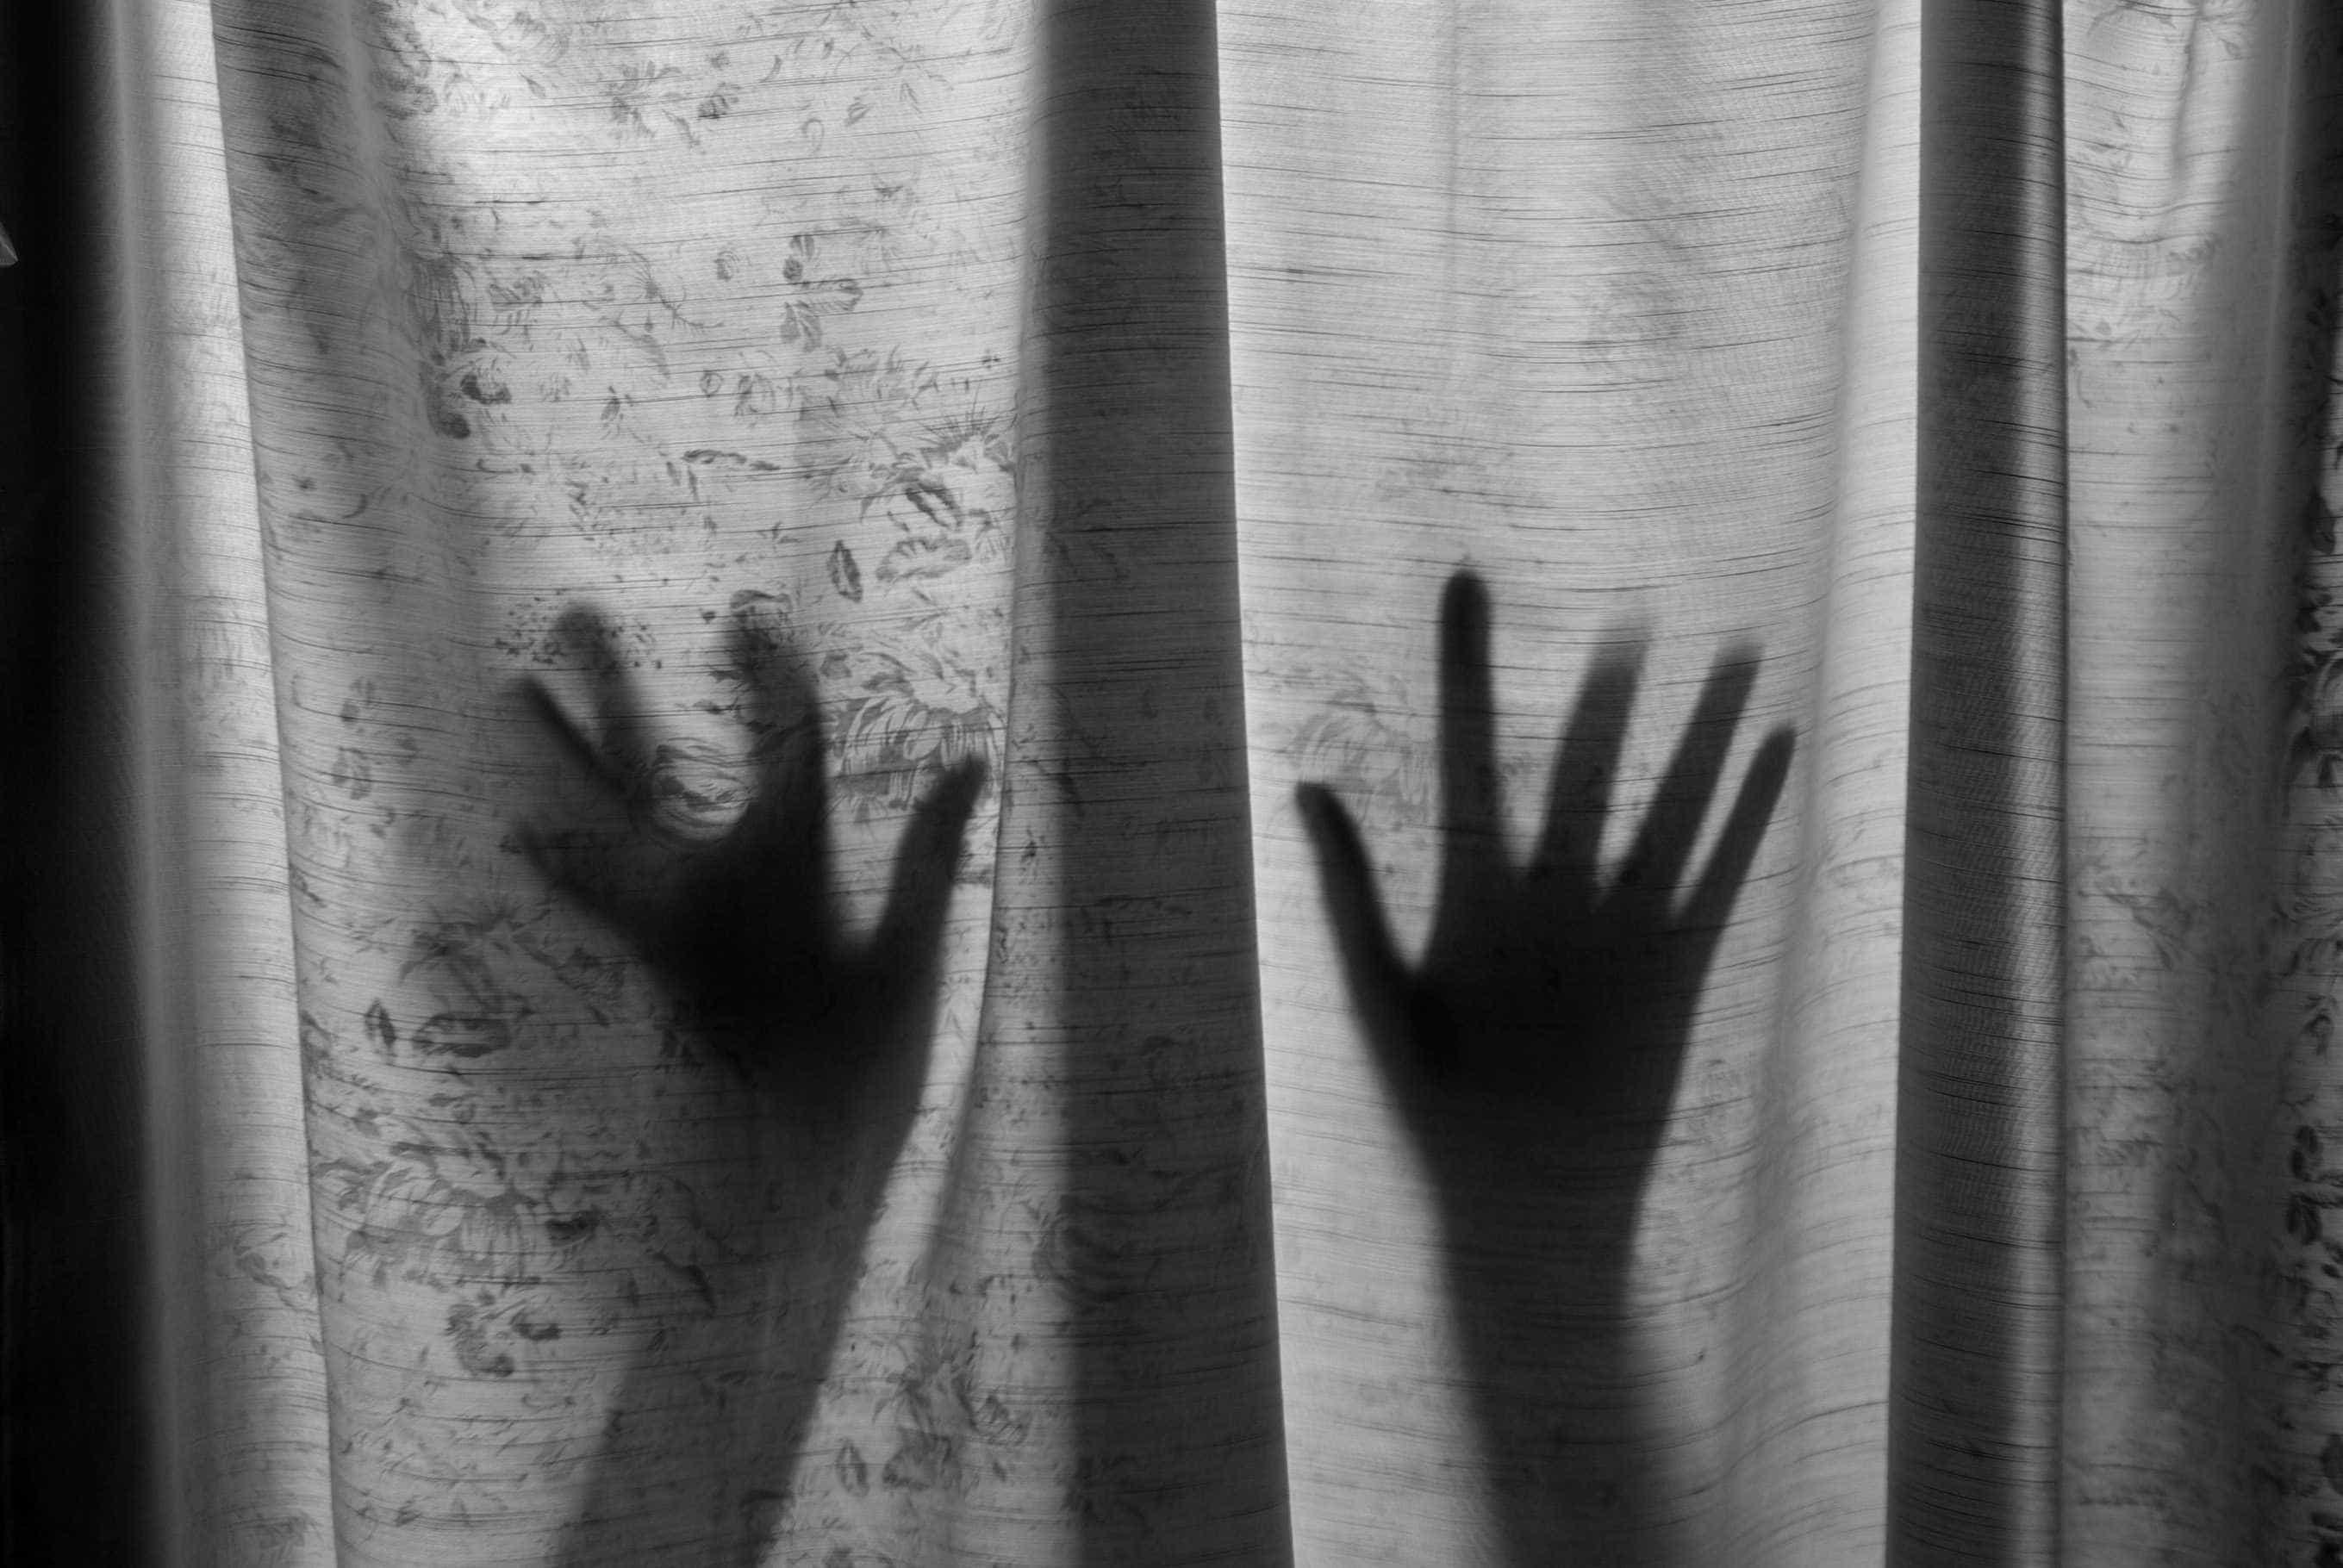 Pedófilo sai da prisão e viola duas adolescentes